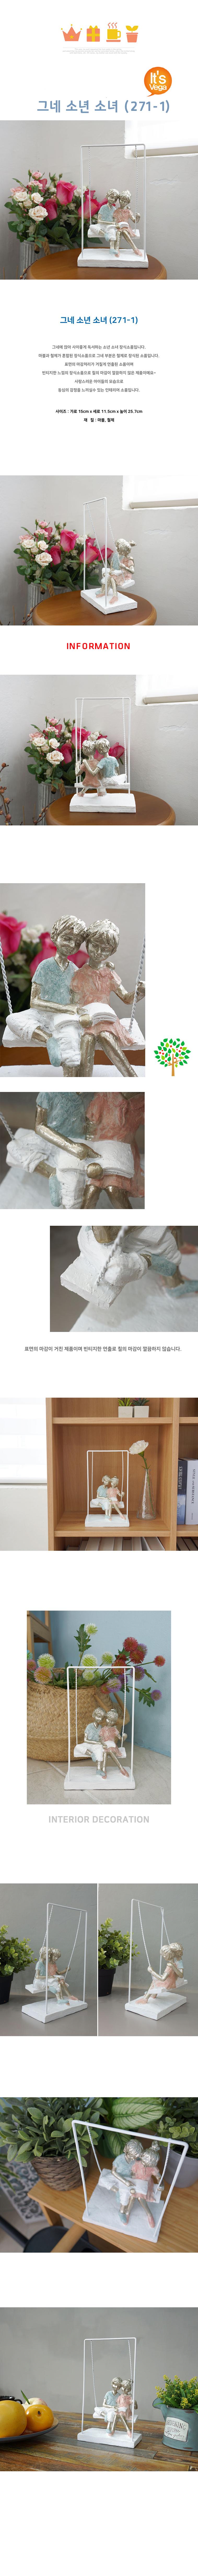 그네 소년 소녀 (271-1) - 베가, 95,000원, 미니어처, 사람